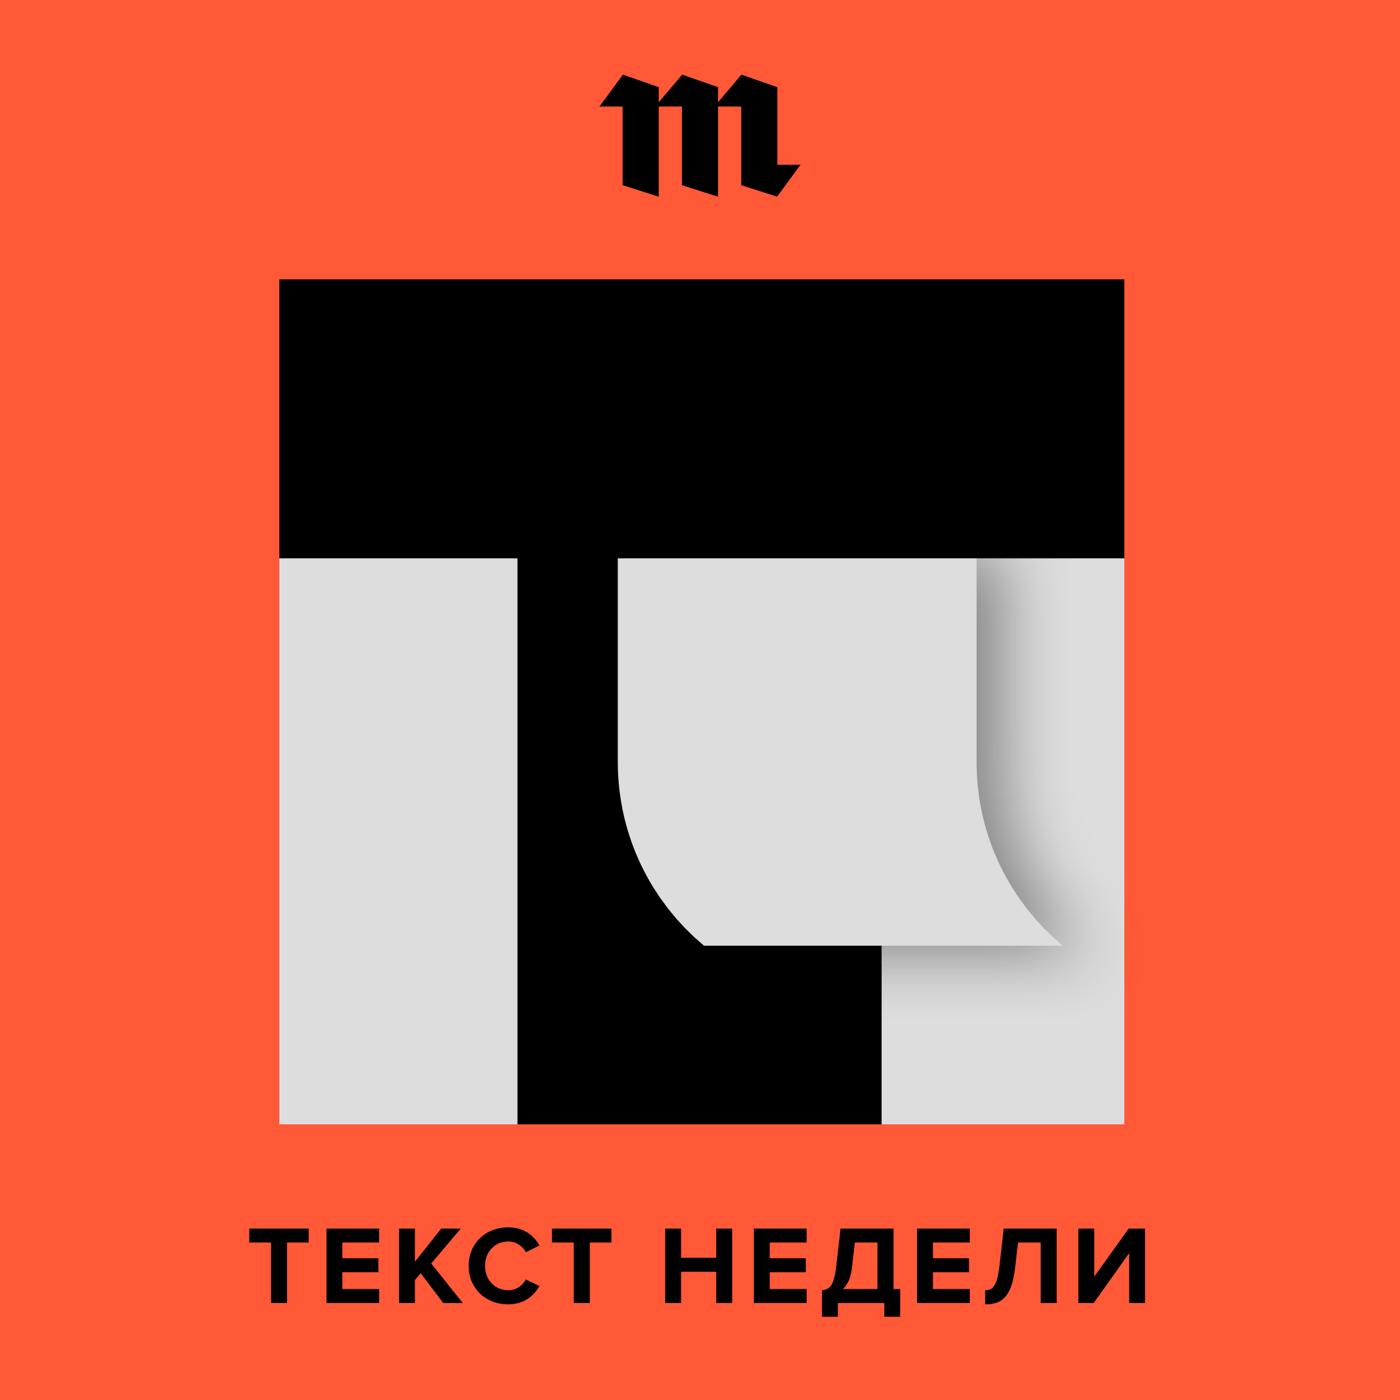 Фото - Айлика Кремер Зачем был создан мессенджер TamTam? И почему он не взлетел — даже на фоне блокировки Telegram mail ru group объявила о запуске нового мессенджера tamtam